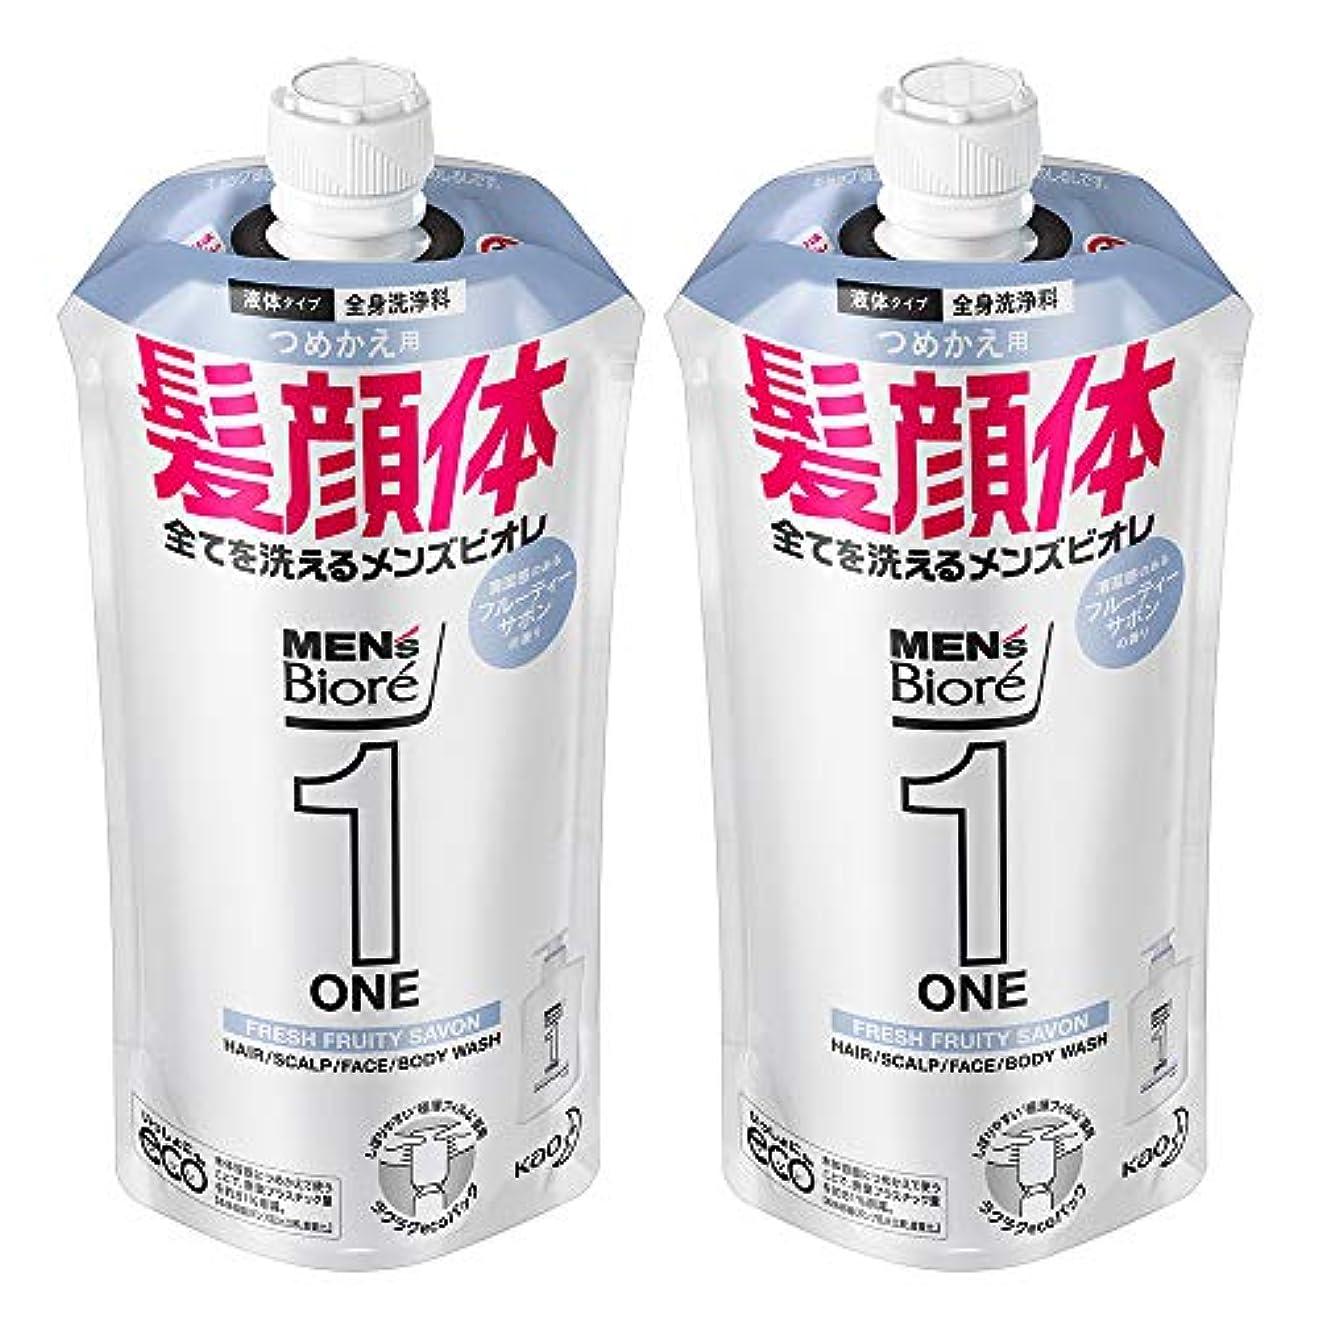 ゼロ値ライバル【まとめ買い】メンズビオレ ONE オールインワン全身洗浄料 フルーティーサボンの香り つめかえ用 340ml×2個